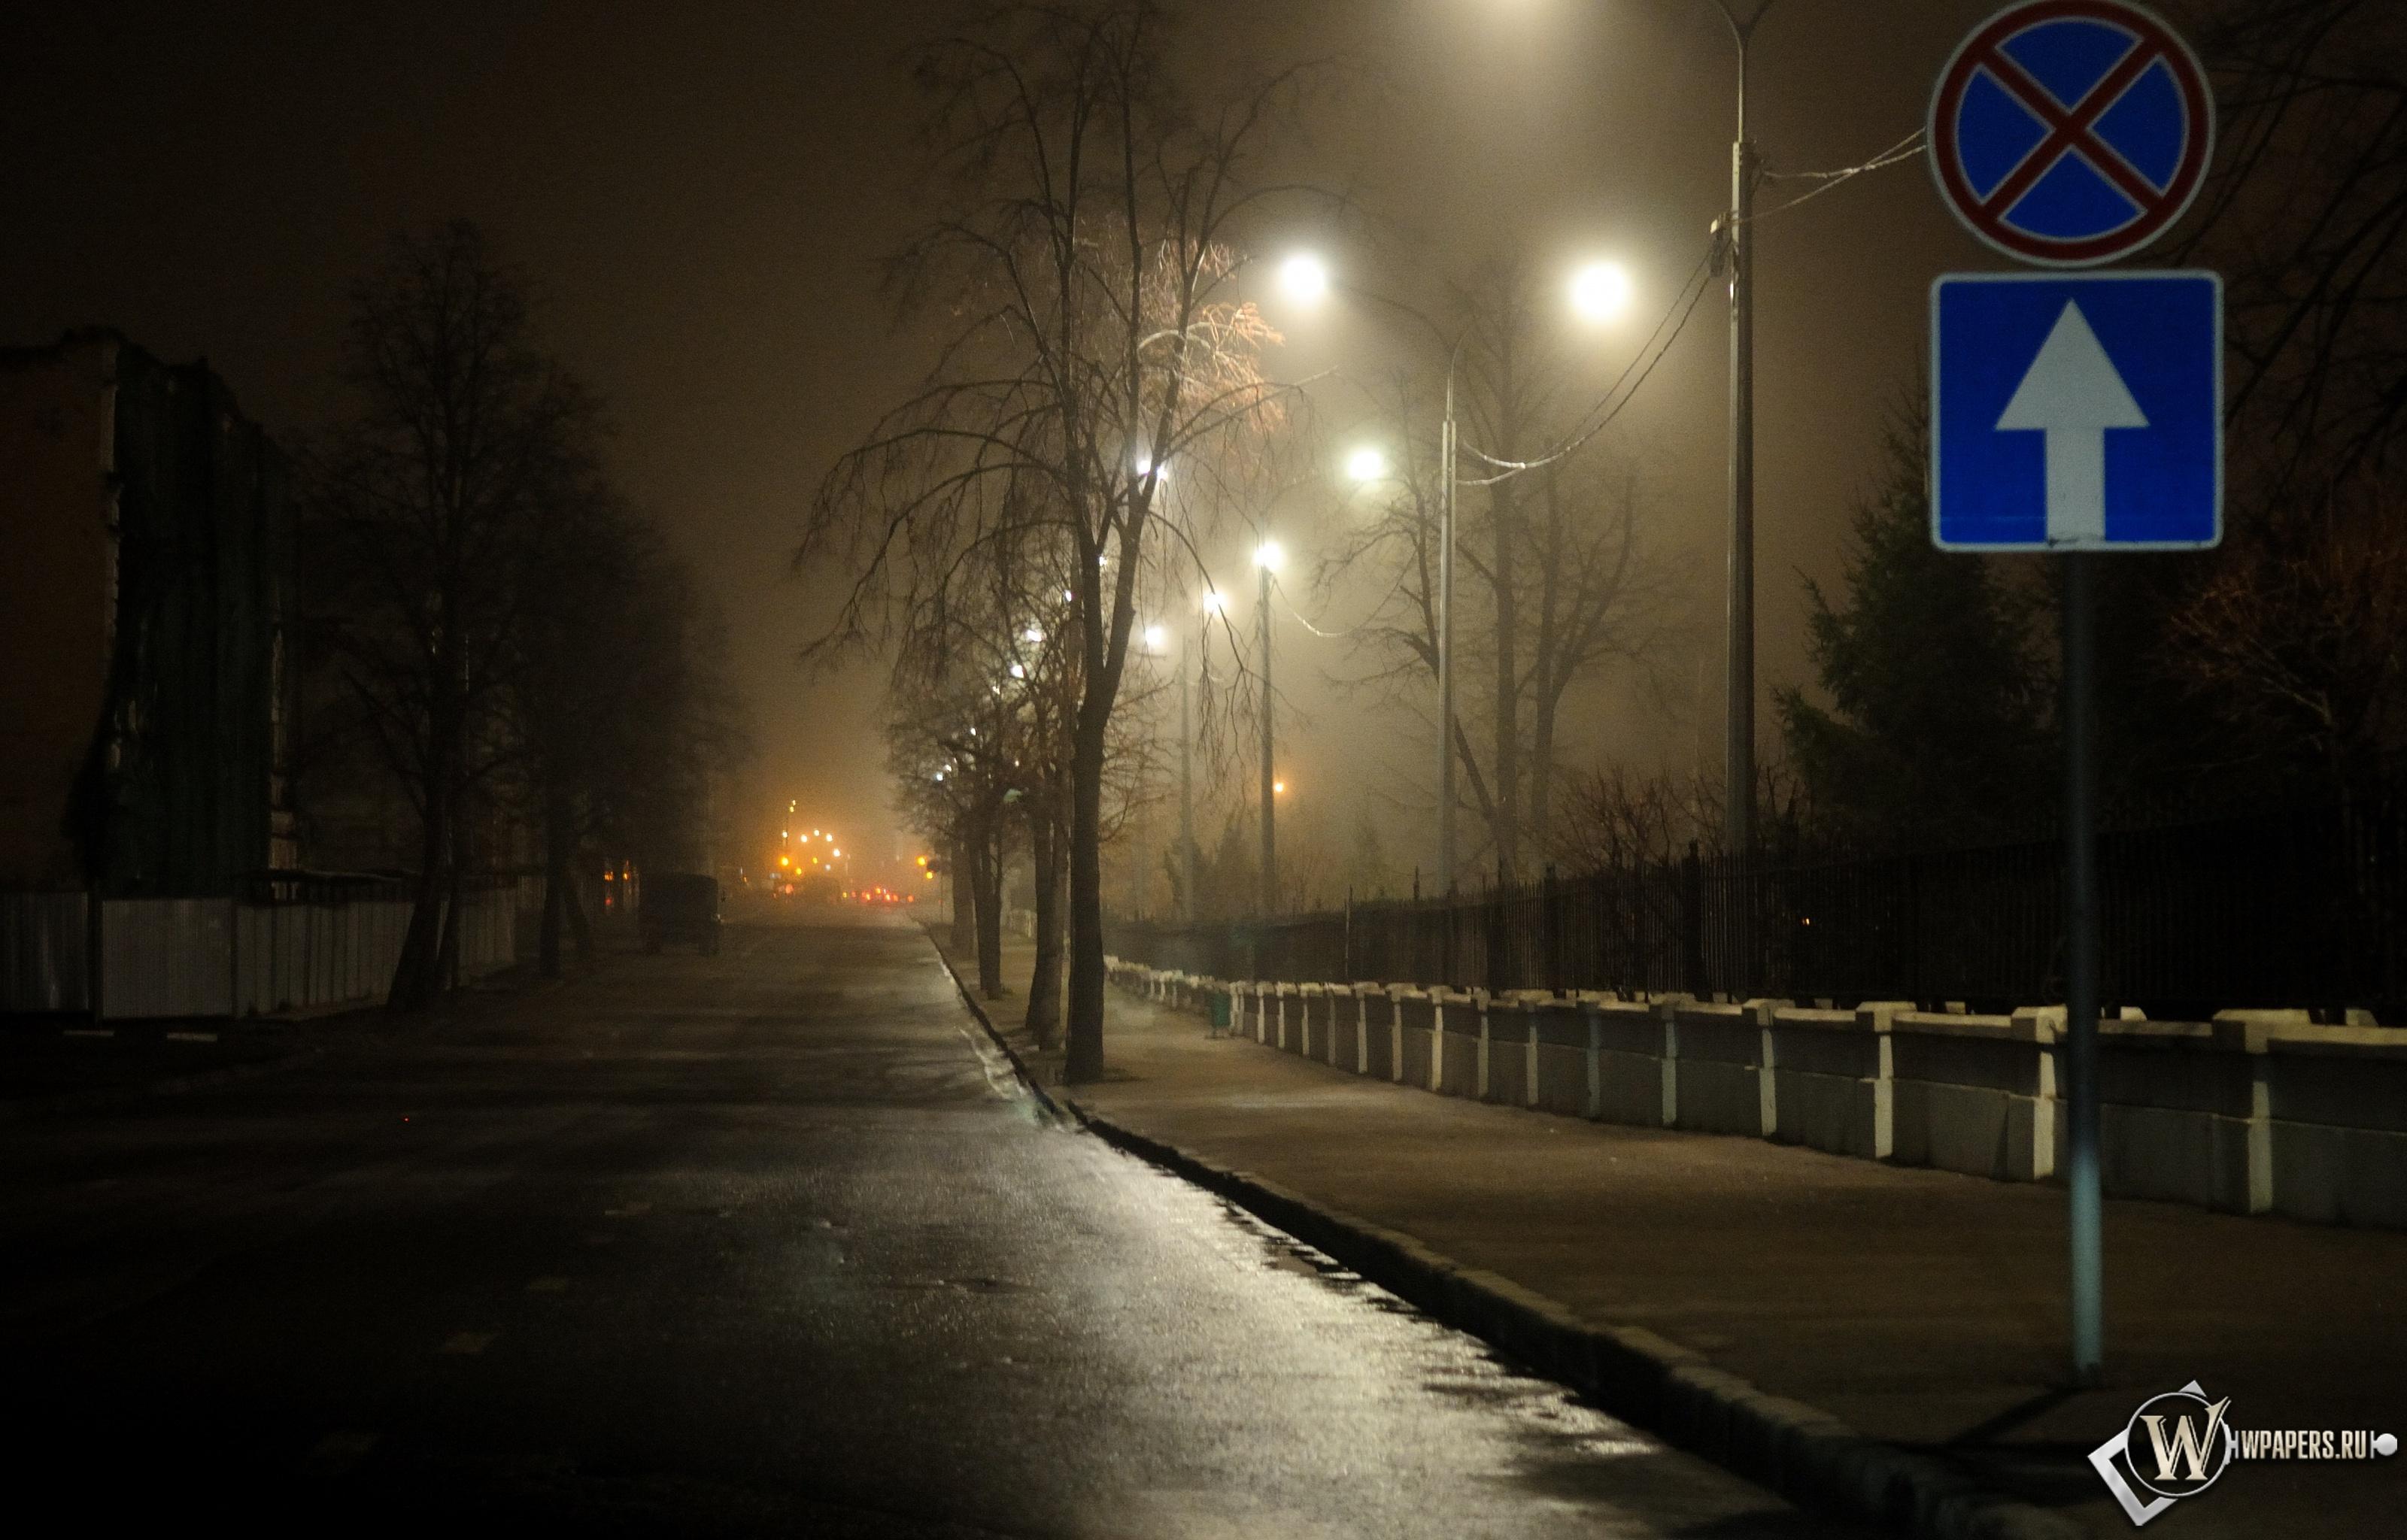 Казань - парк Черное озеро 3200x2048